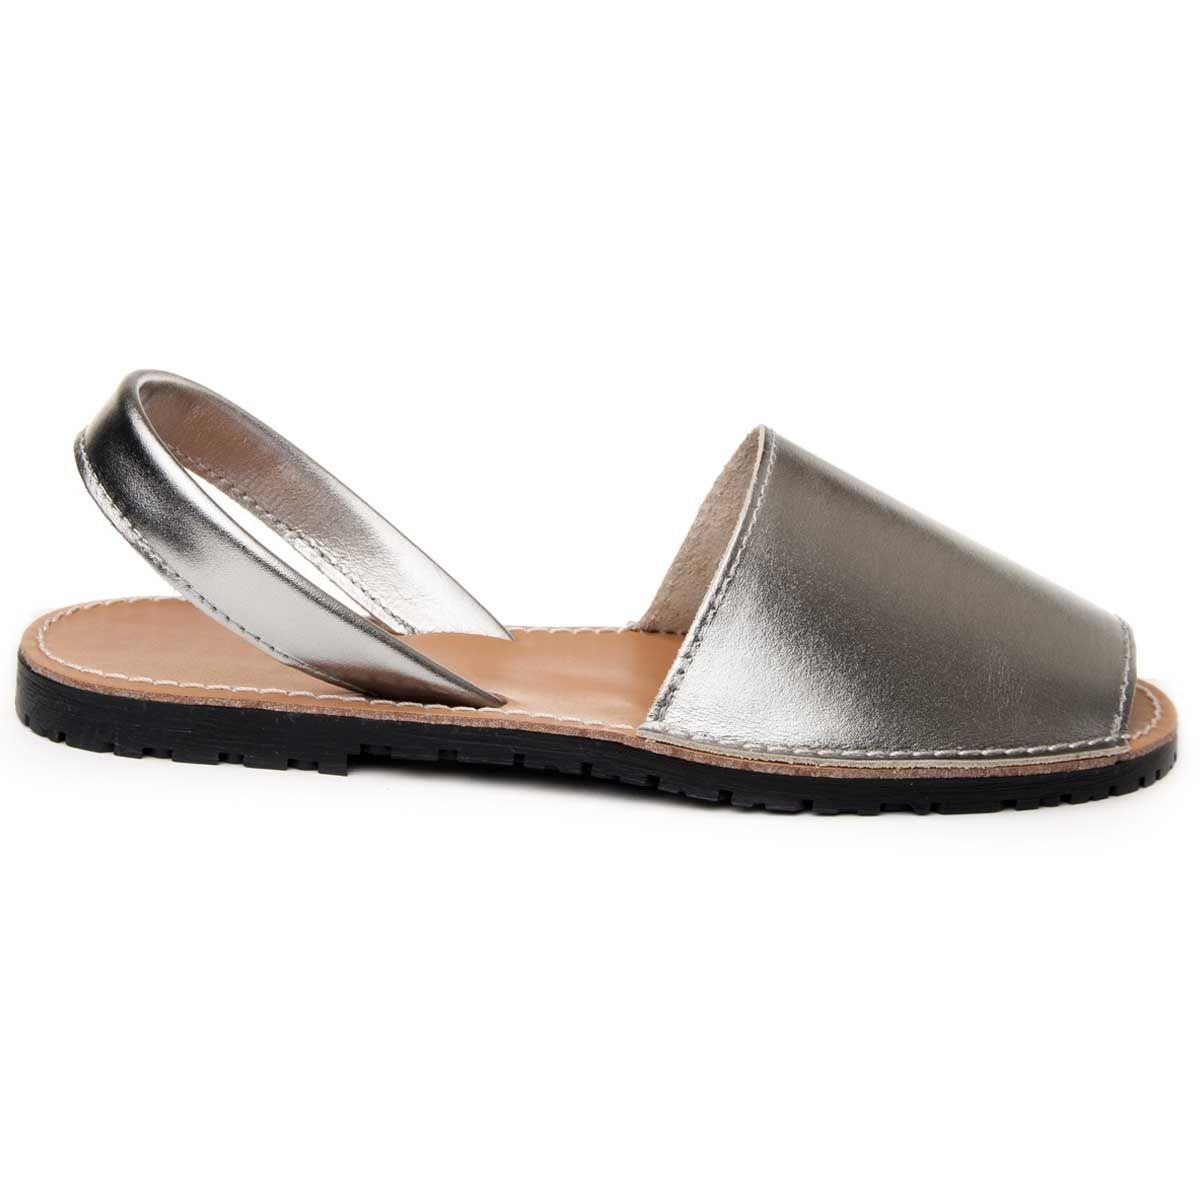 Purapiel Slingback Flat Sandal in Silver